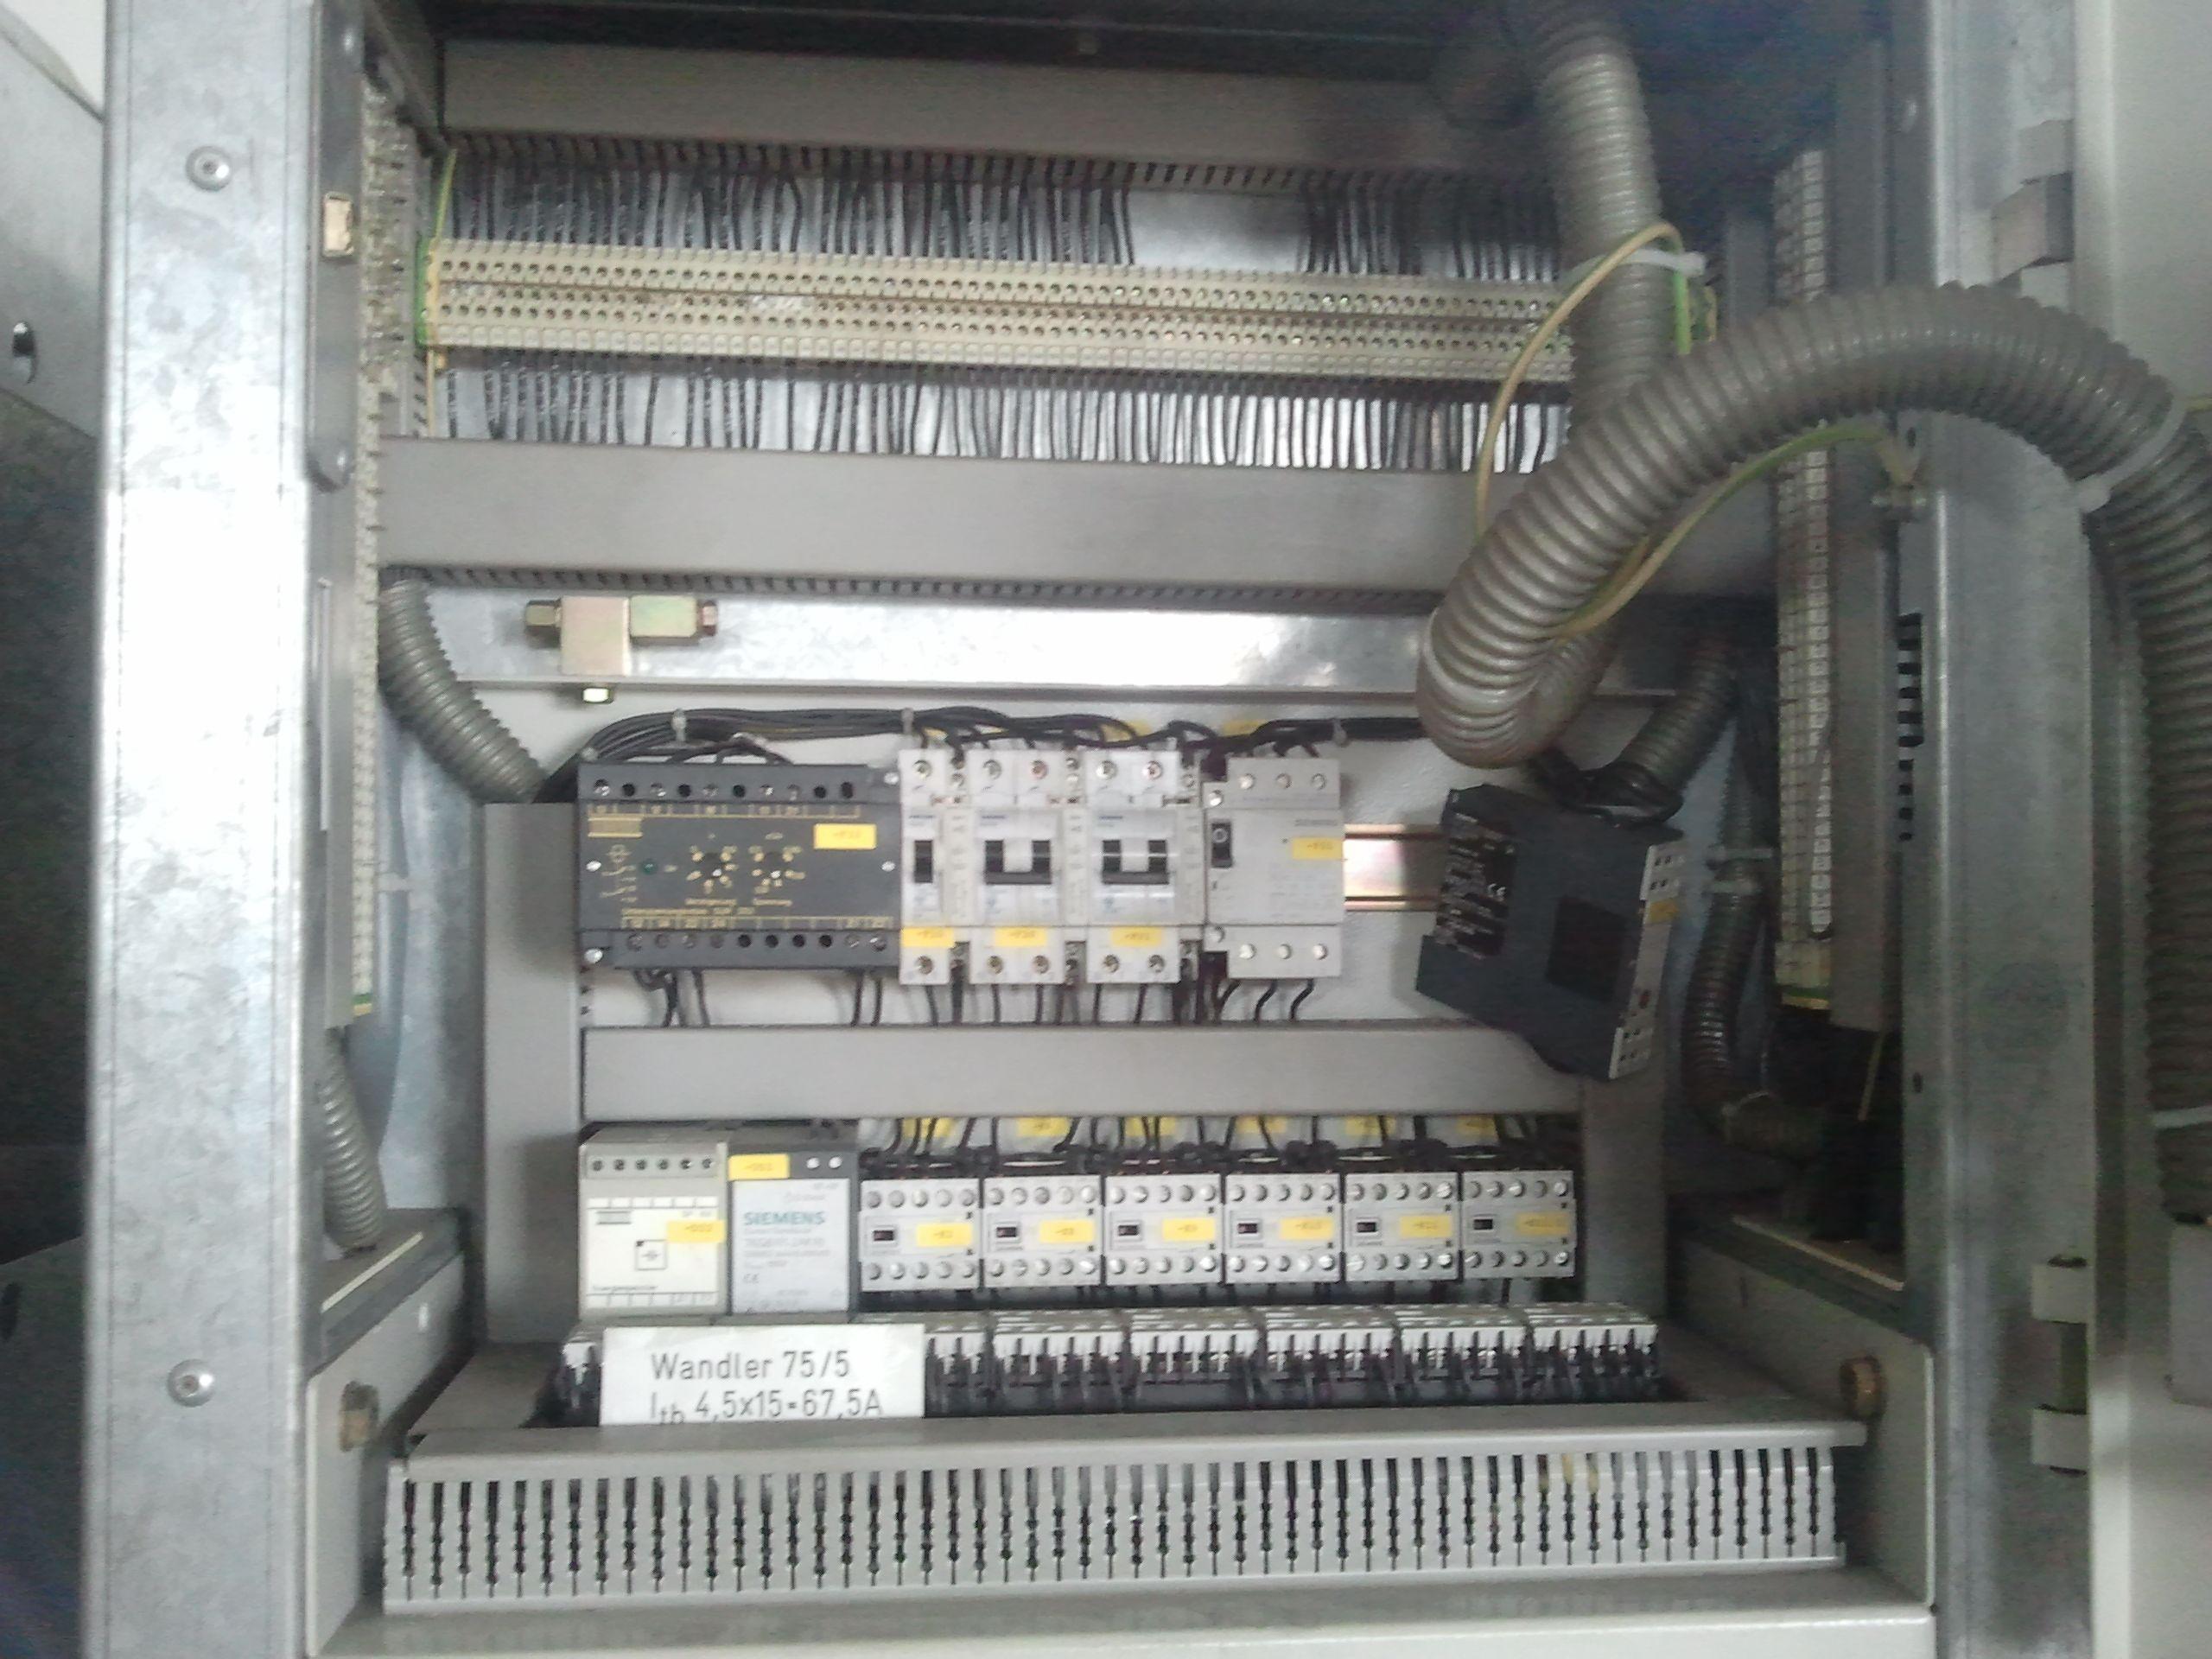 高压开关柜接线图, 原理图.-高压配电柜电路图图片大全 配电柜电路图